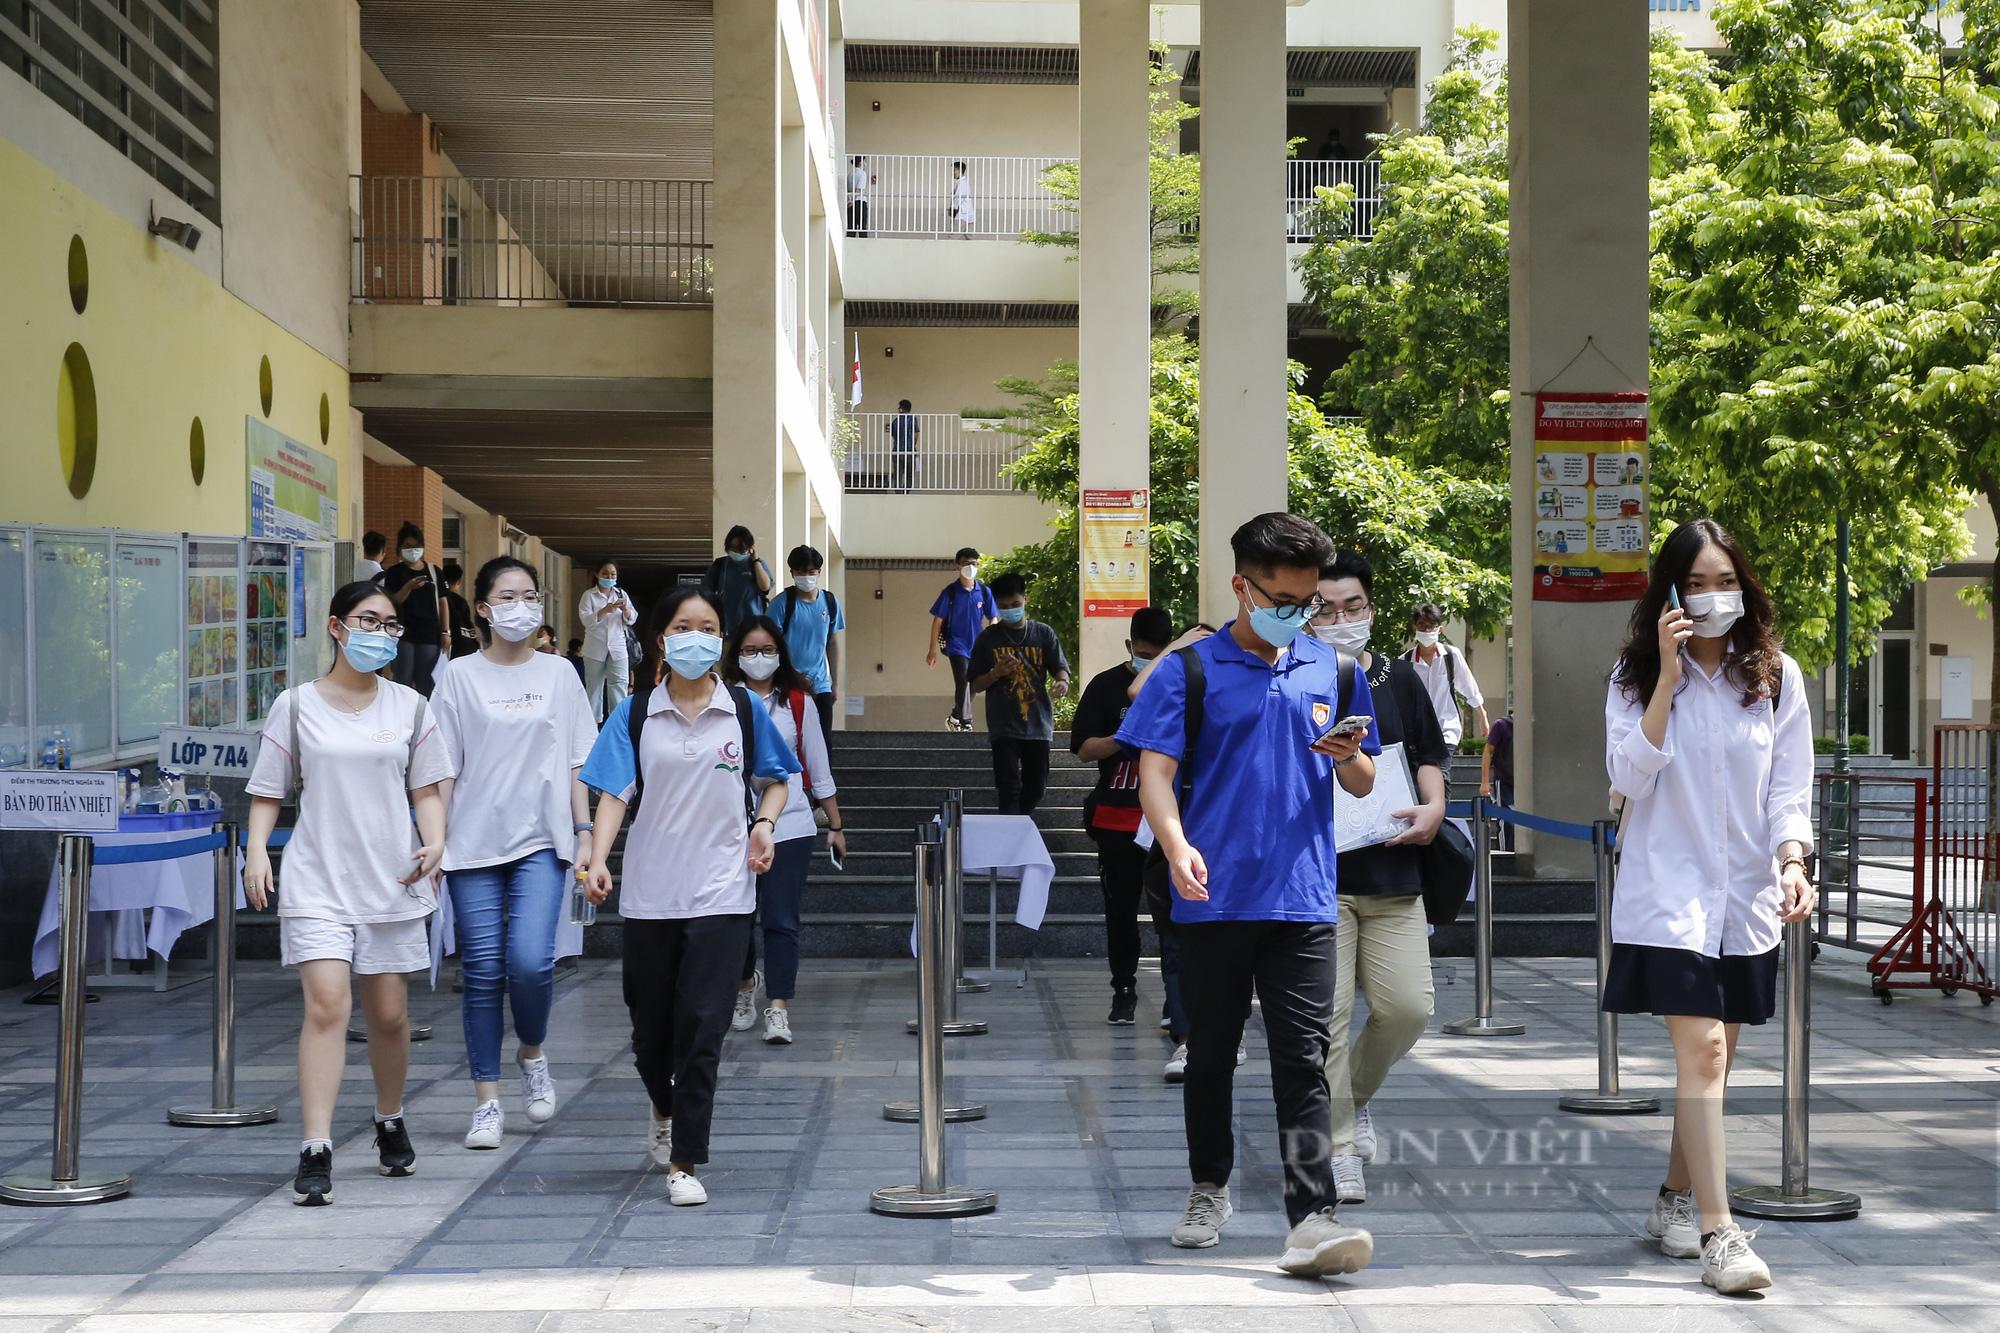 Hà Nội: Những thí sinh thu hút sự chú ý của cộng đồng mạng tại kỳ thi tốt nghiệp THPT 2021